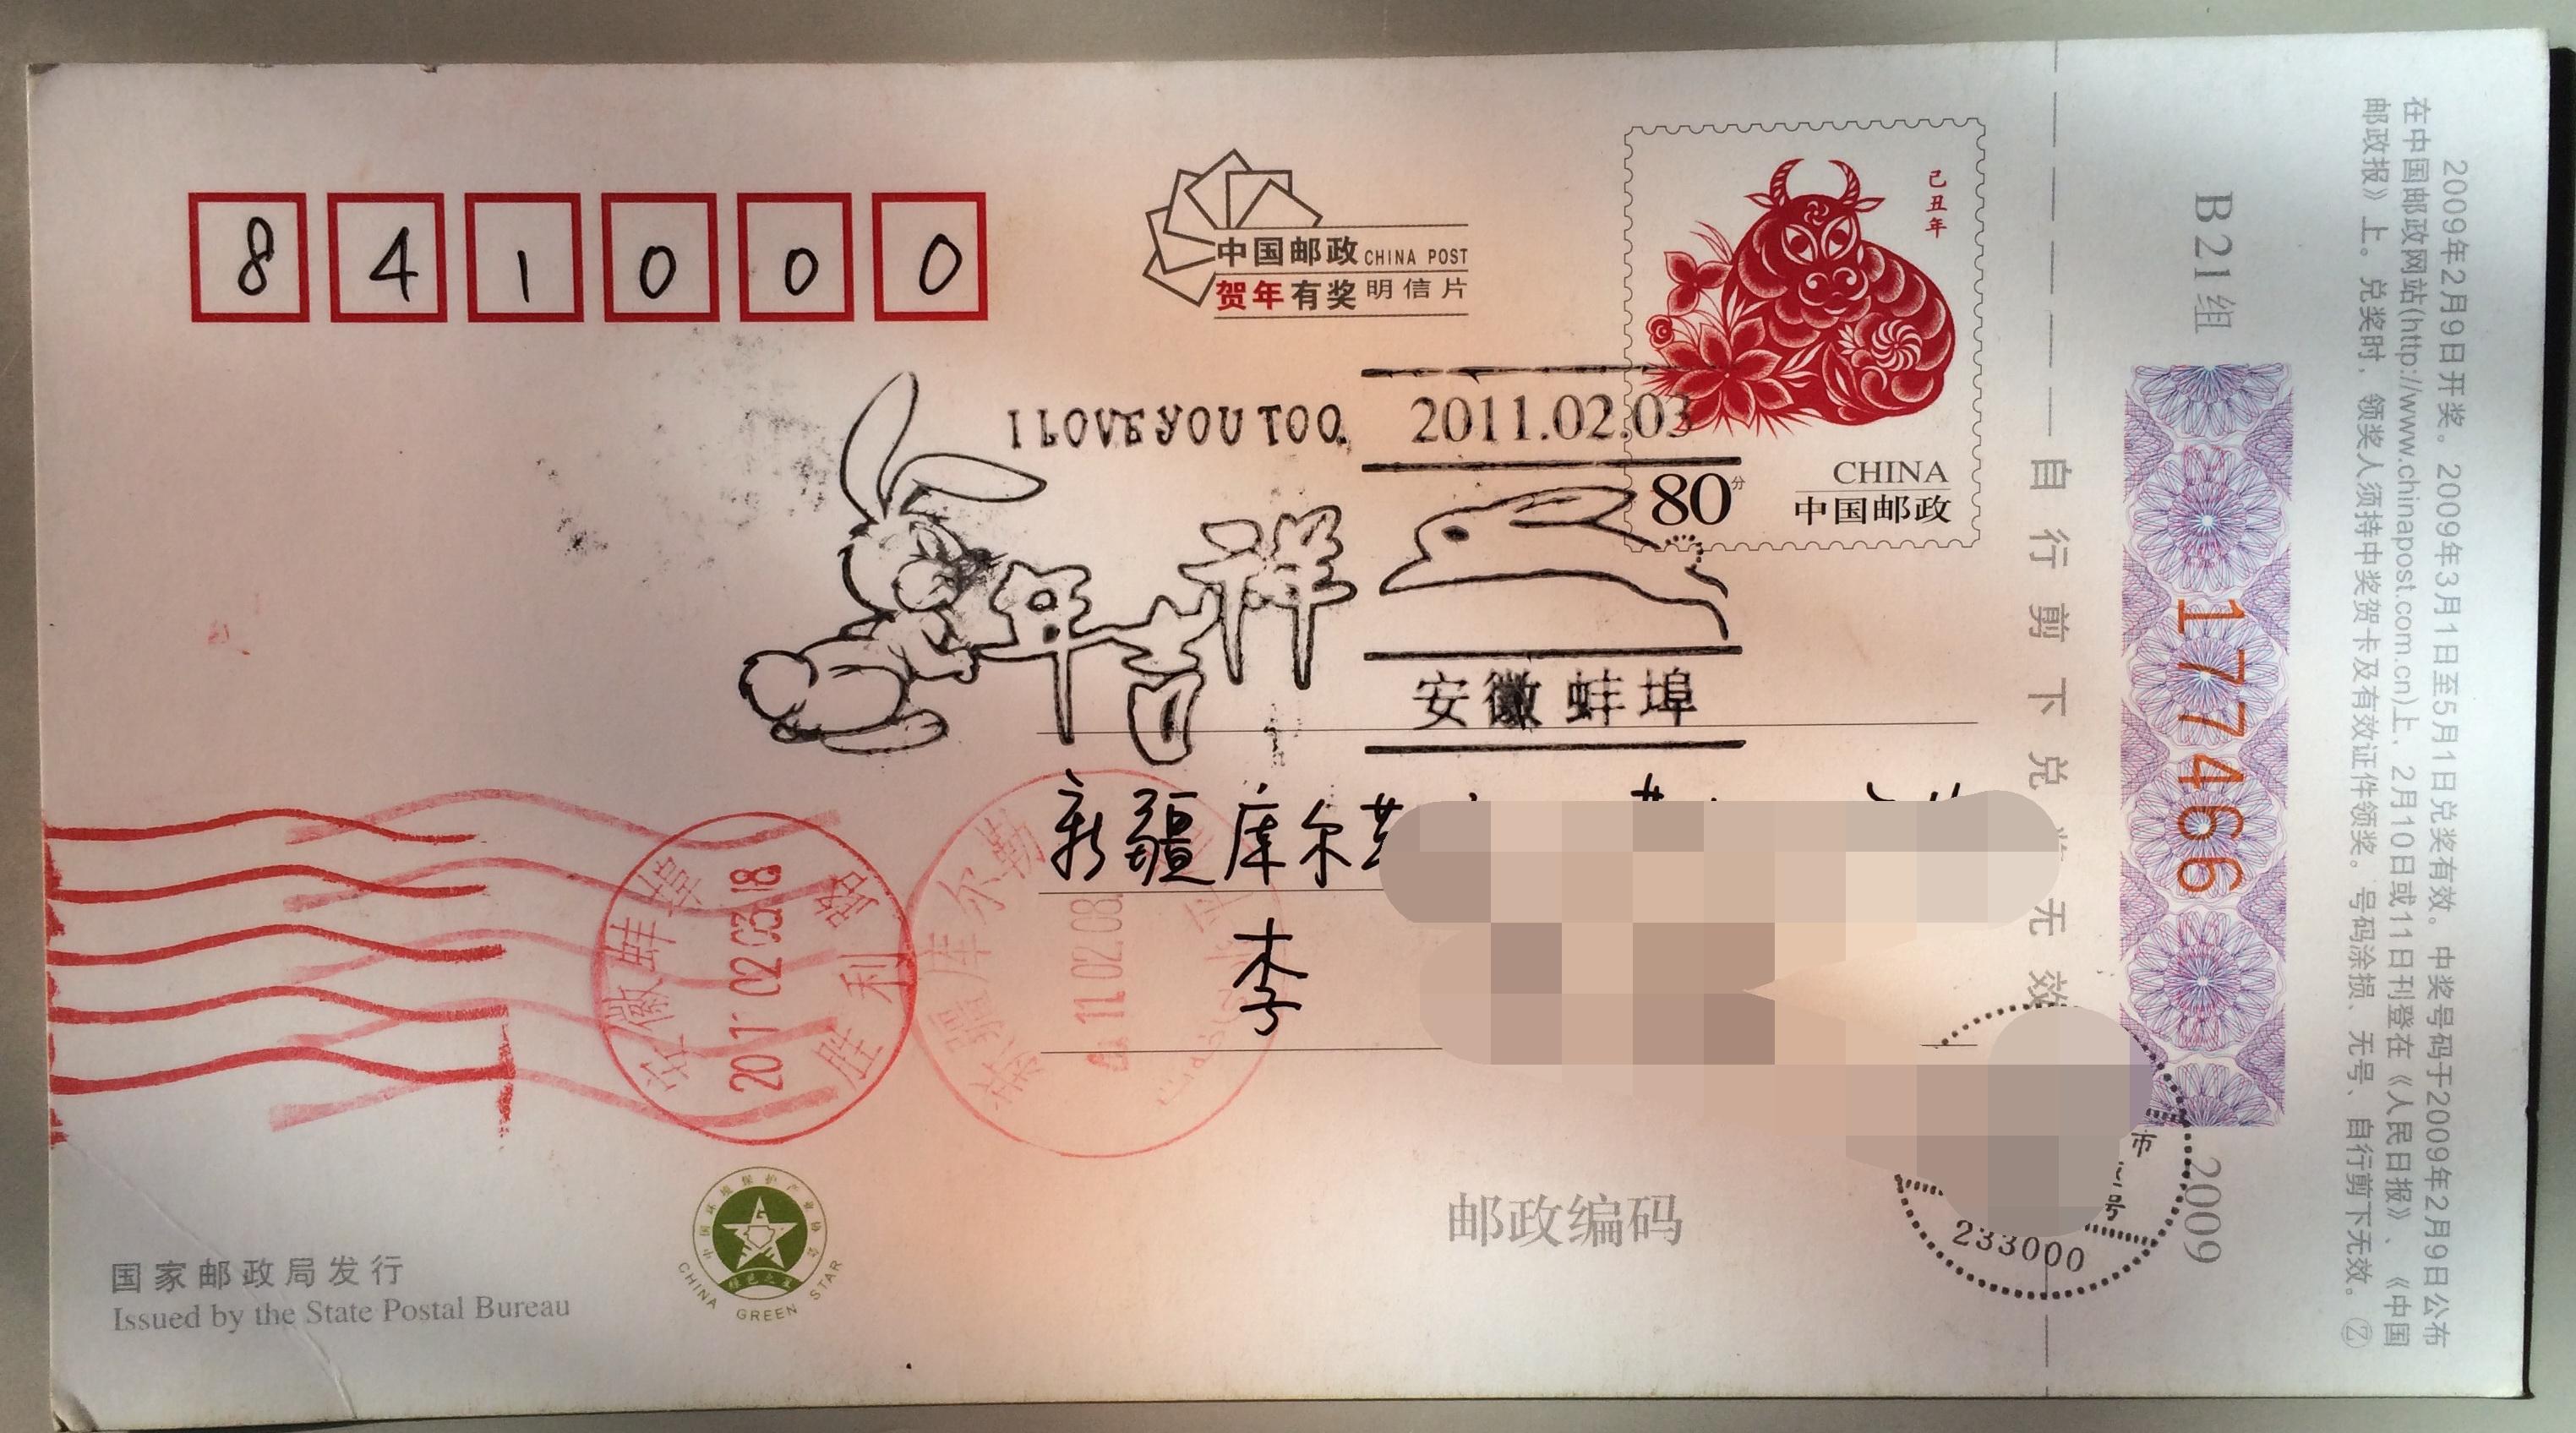 《2011年兔年安徽蚌埠拜年戳实寄片》